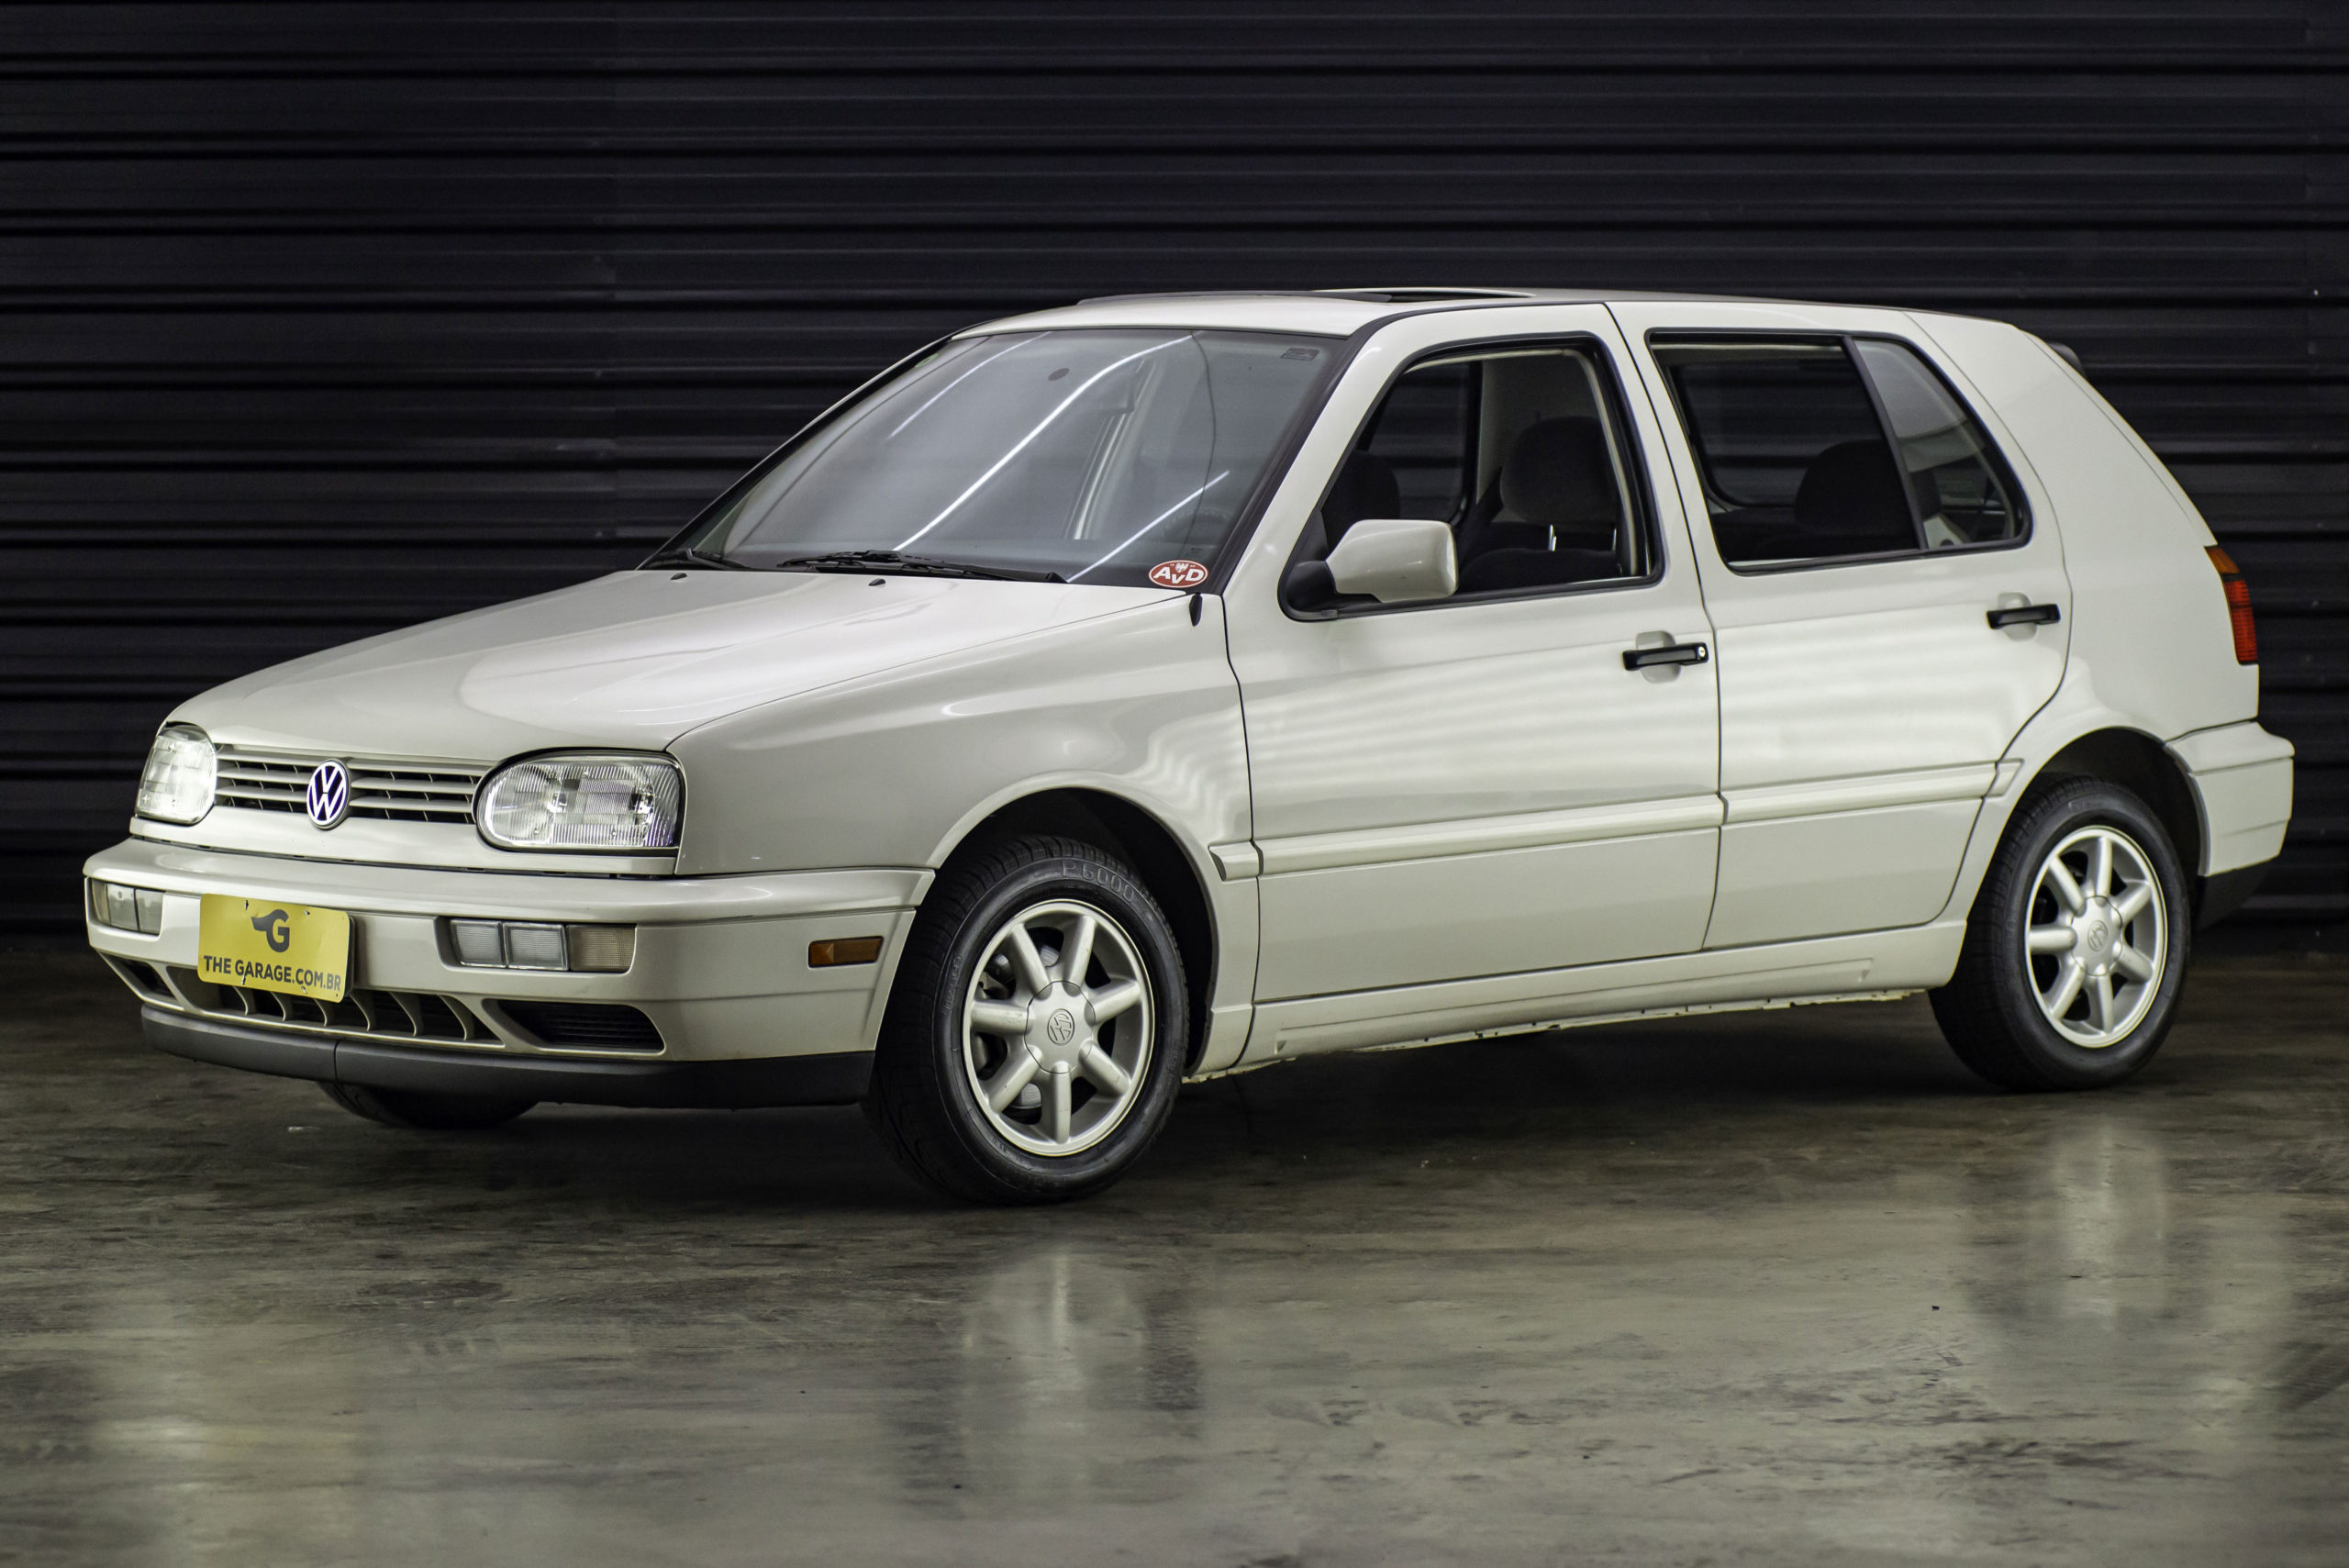 1997-vw-golf-gtx-2.0-mi-a-venda-sao-paulo-sp-for-sale-the-garage-classicos-a-venda-loja-de-carros-antigos--2